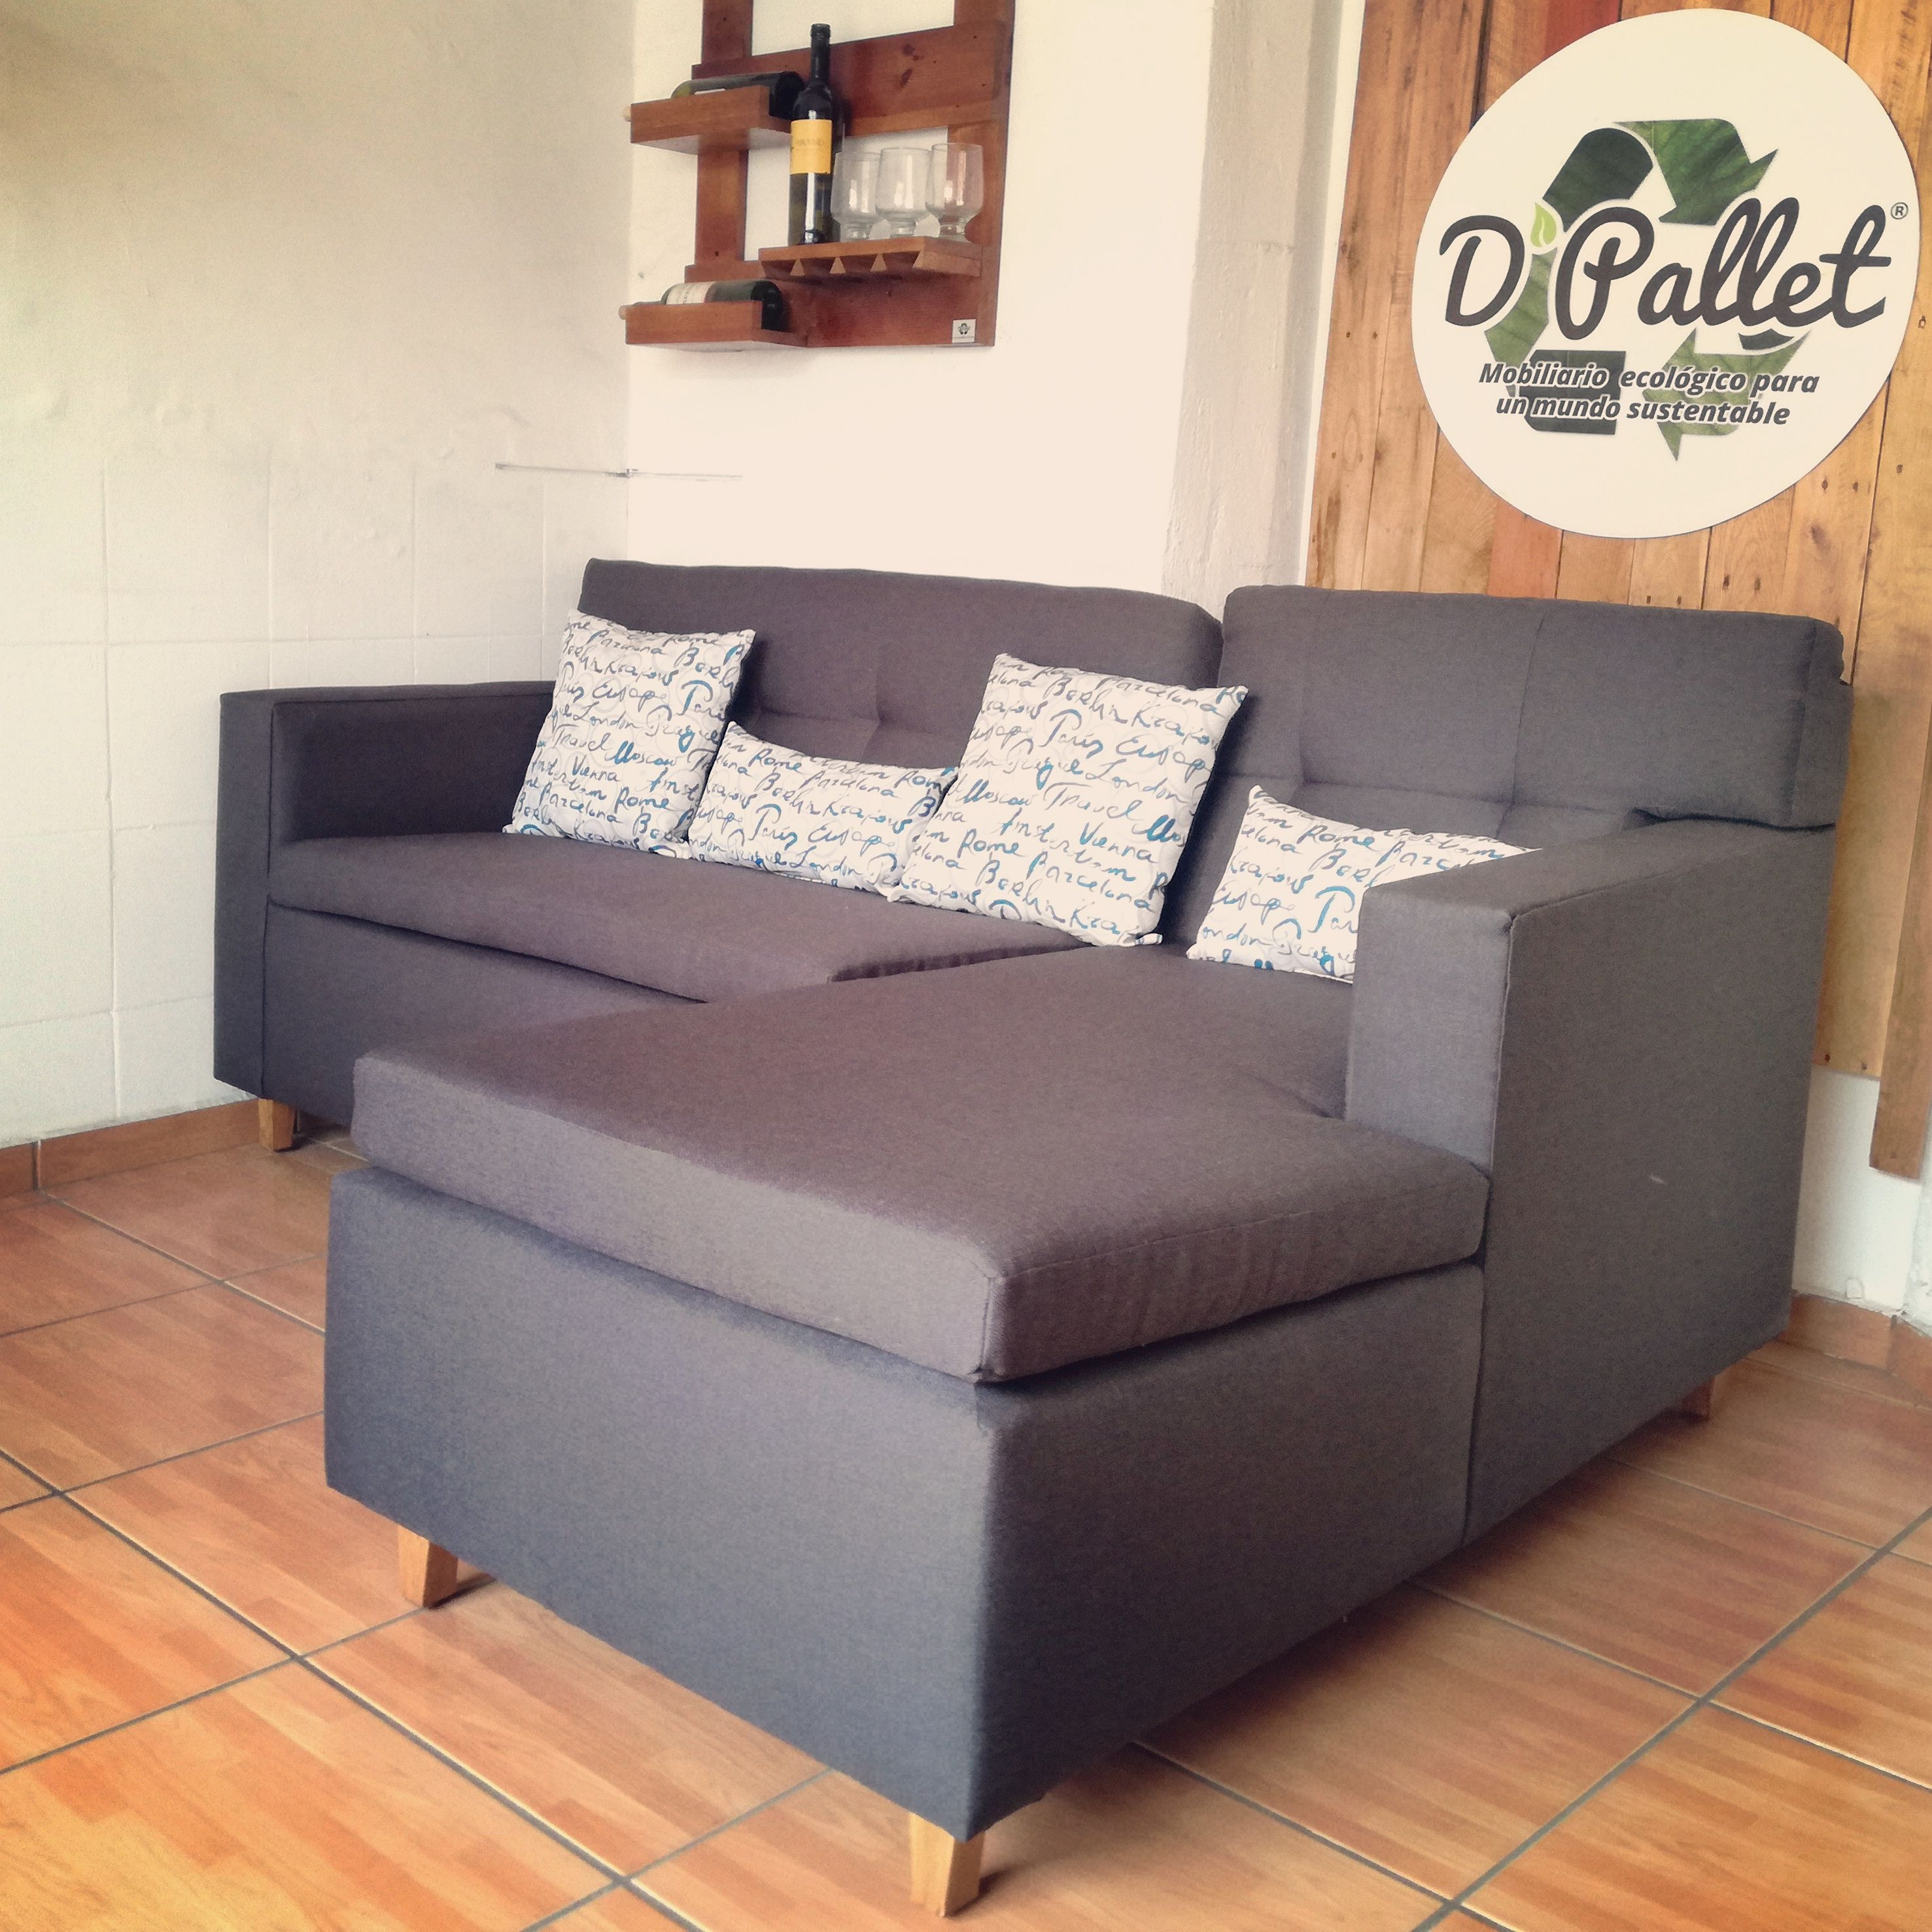 Pallet Palletfurniture Eco Interiorismo Guadalajara Df  # Muebles Guadalajara